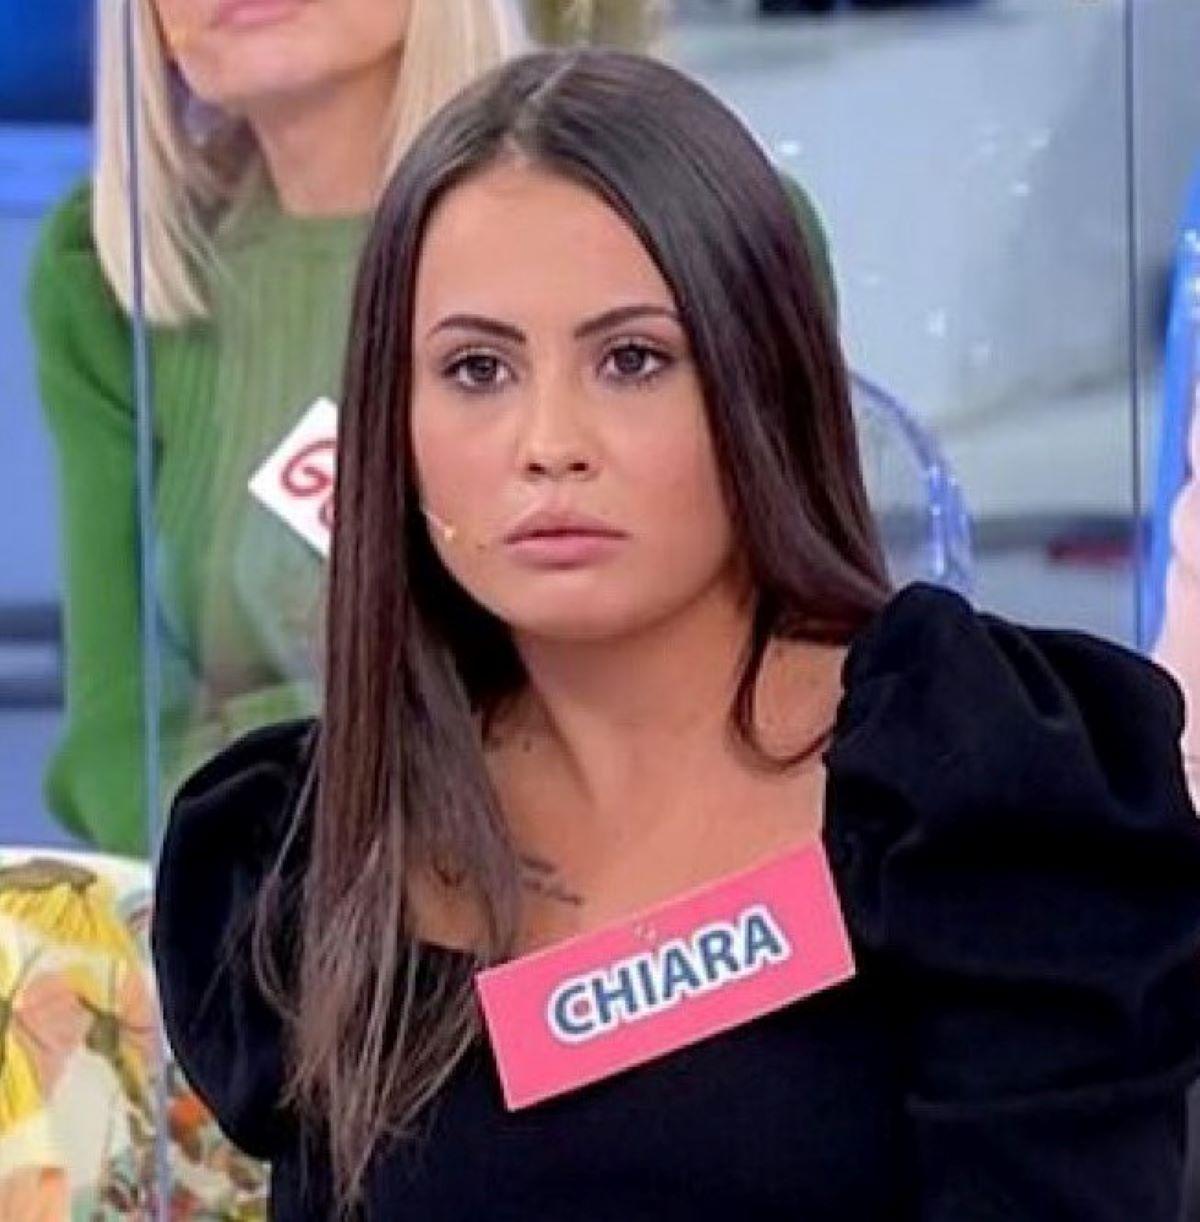 Chiara Rabbi Furia Hater Attacchi